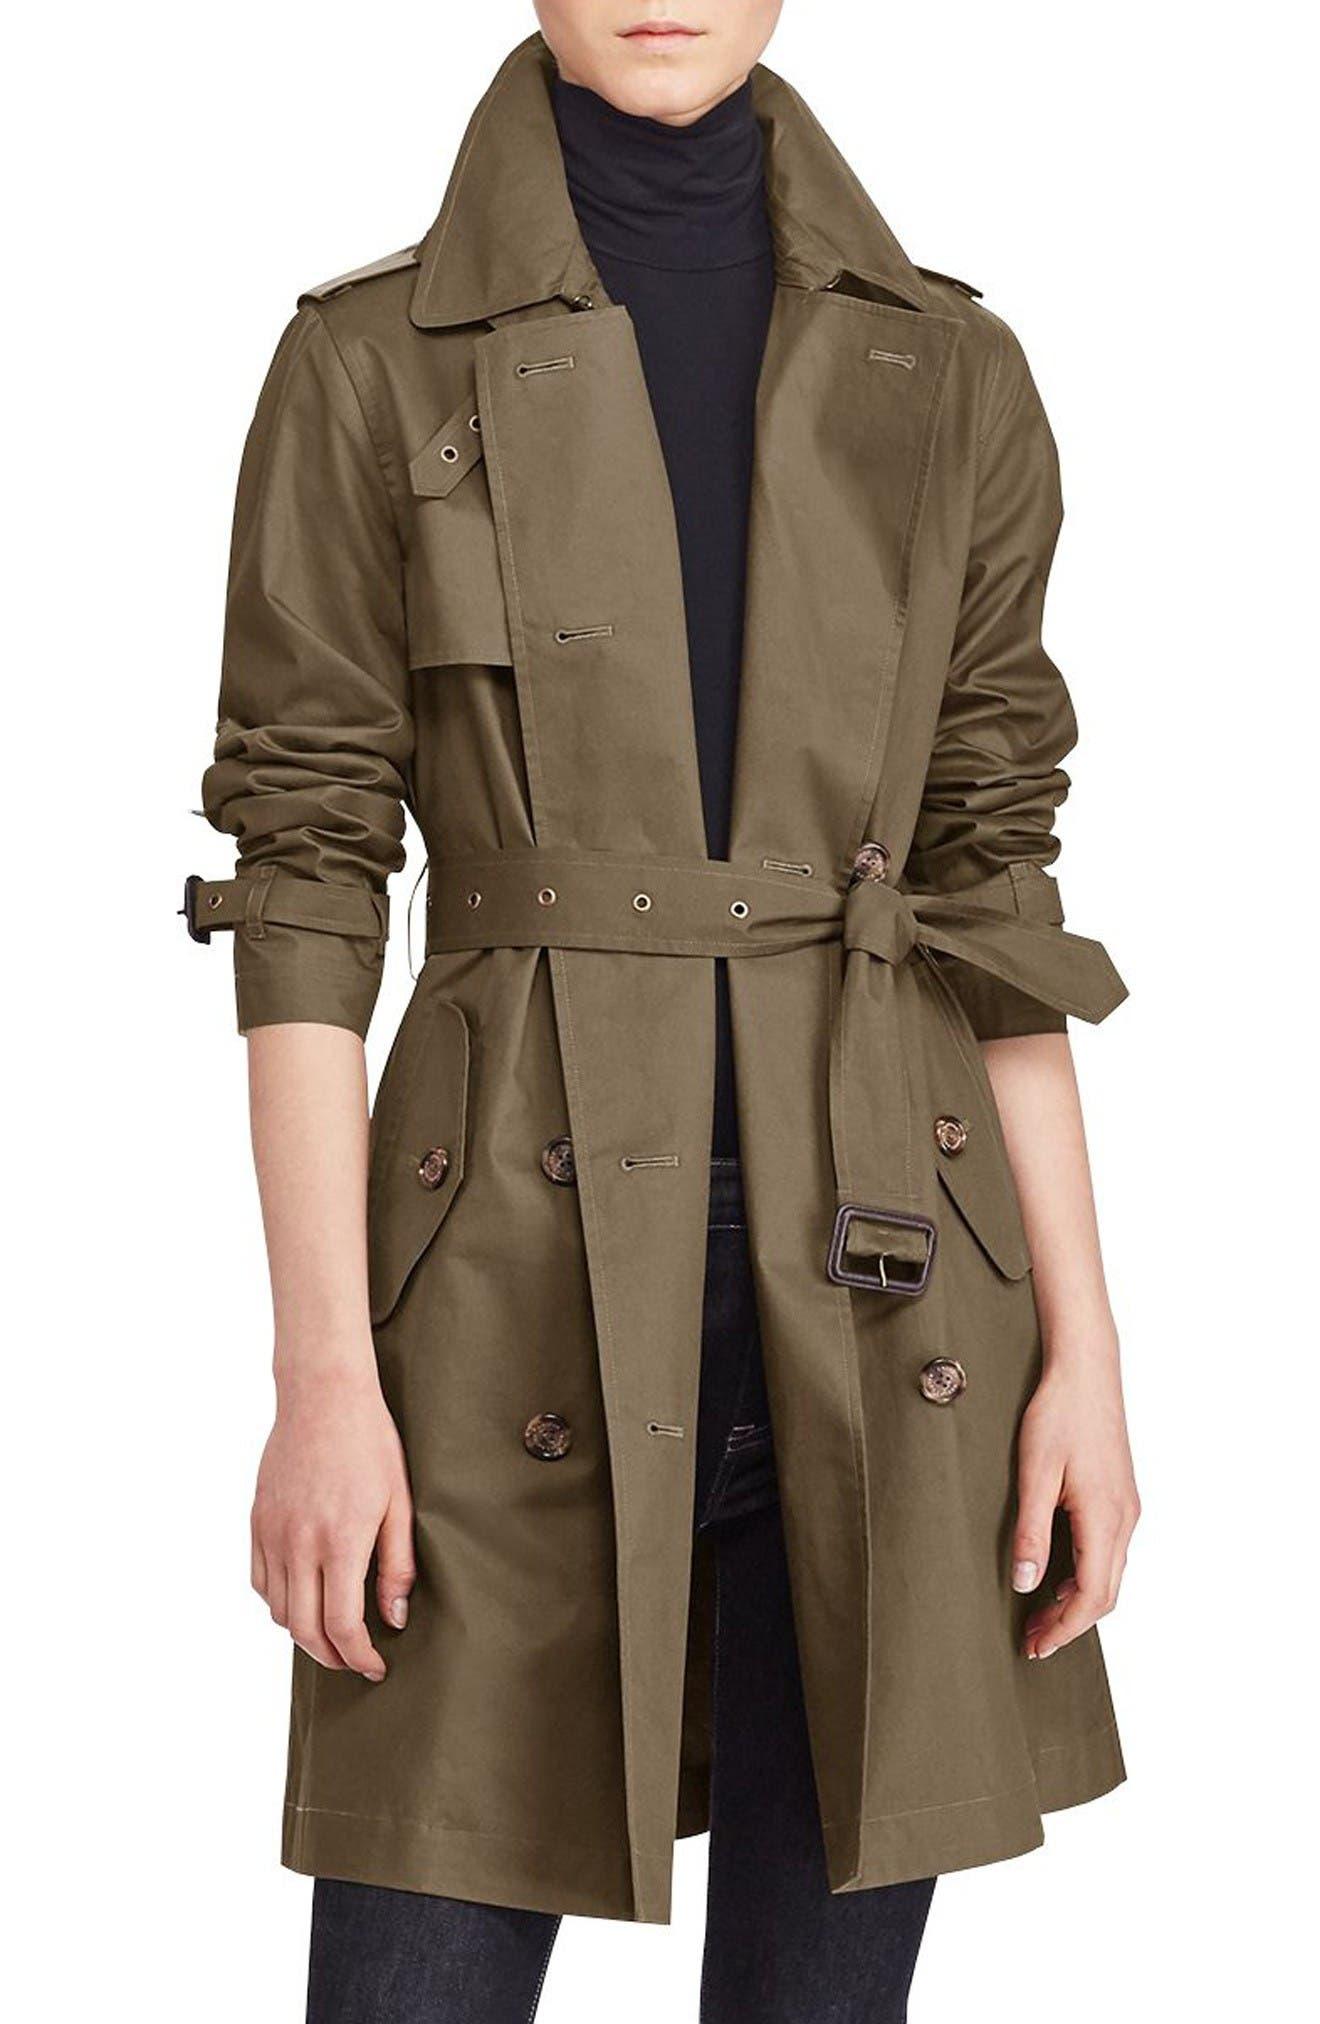 Alternate Image 1 Selected - Lauren Ralph Lauren Double-Breasted Trench Coat